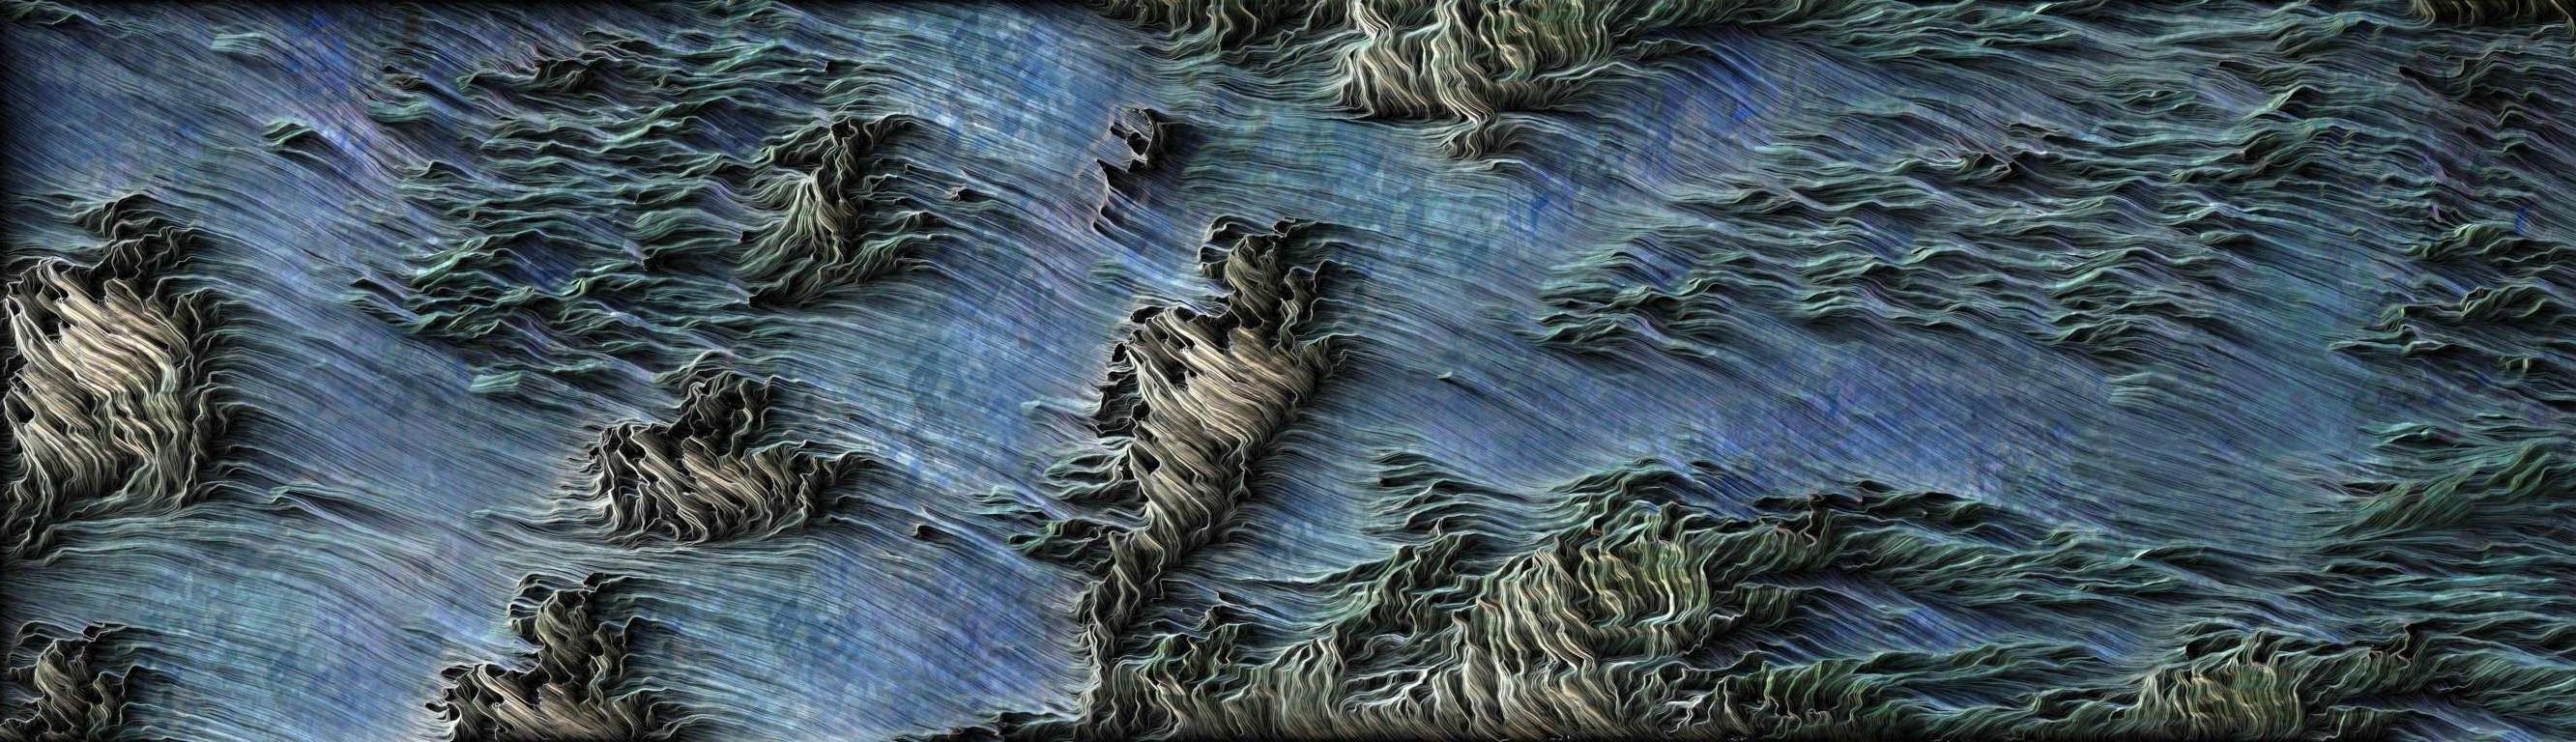 Matteo Mauro - Landscape Painting